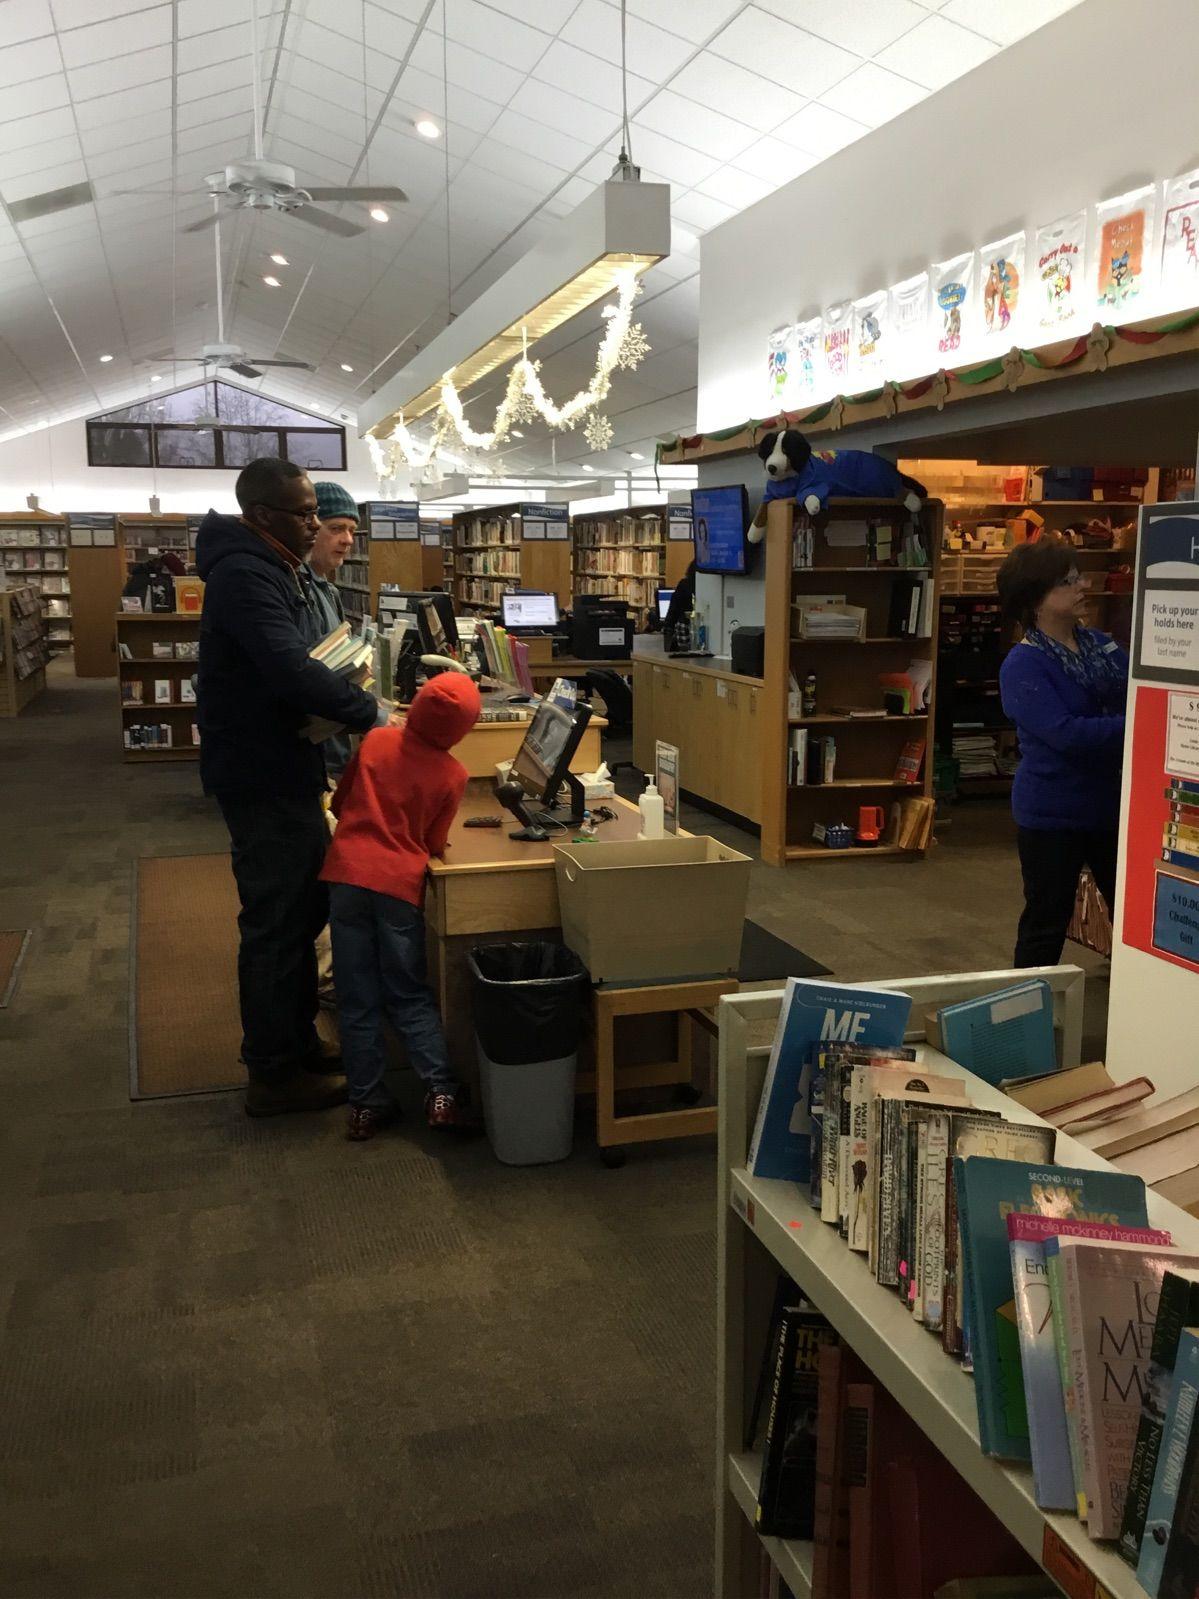 美国小镇图书馆,老少咸宜的地方       曹小莉